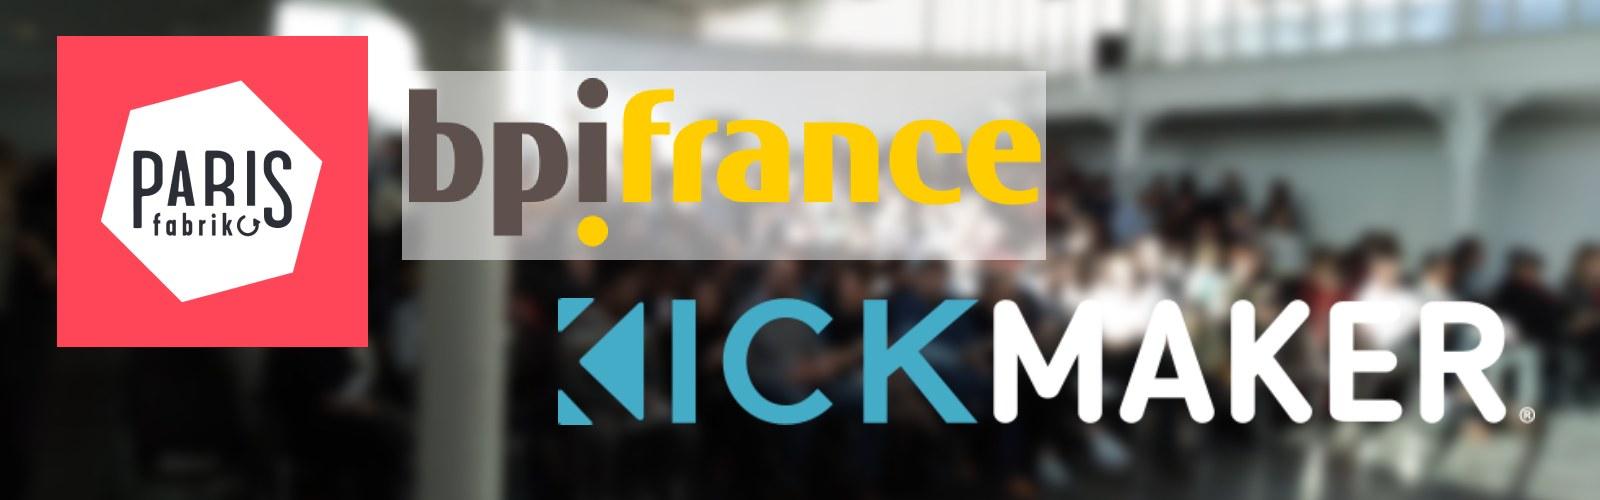 kickmaker - mairie de pais- pia fab - bpi france